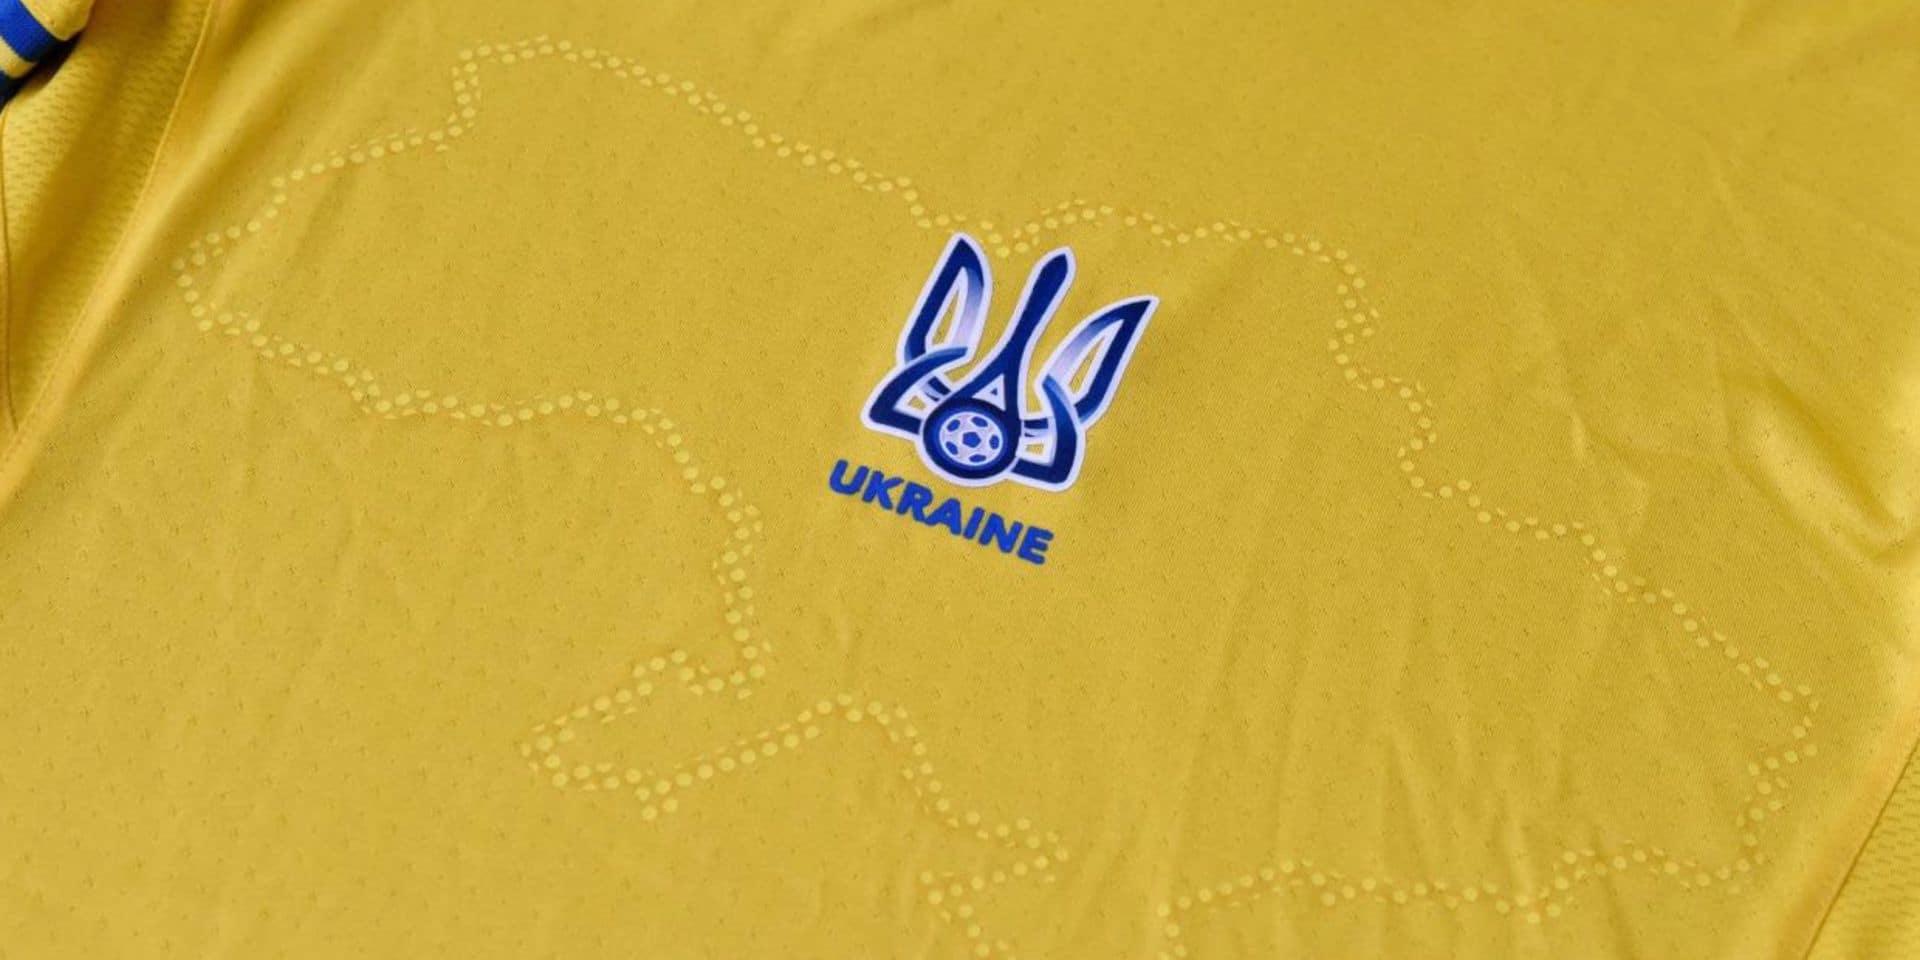 Le maillot de l'équipe de football ukrainienne provoque l'indignation en Russie